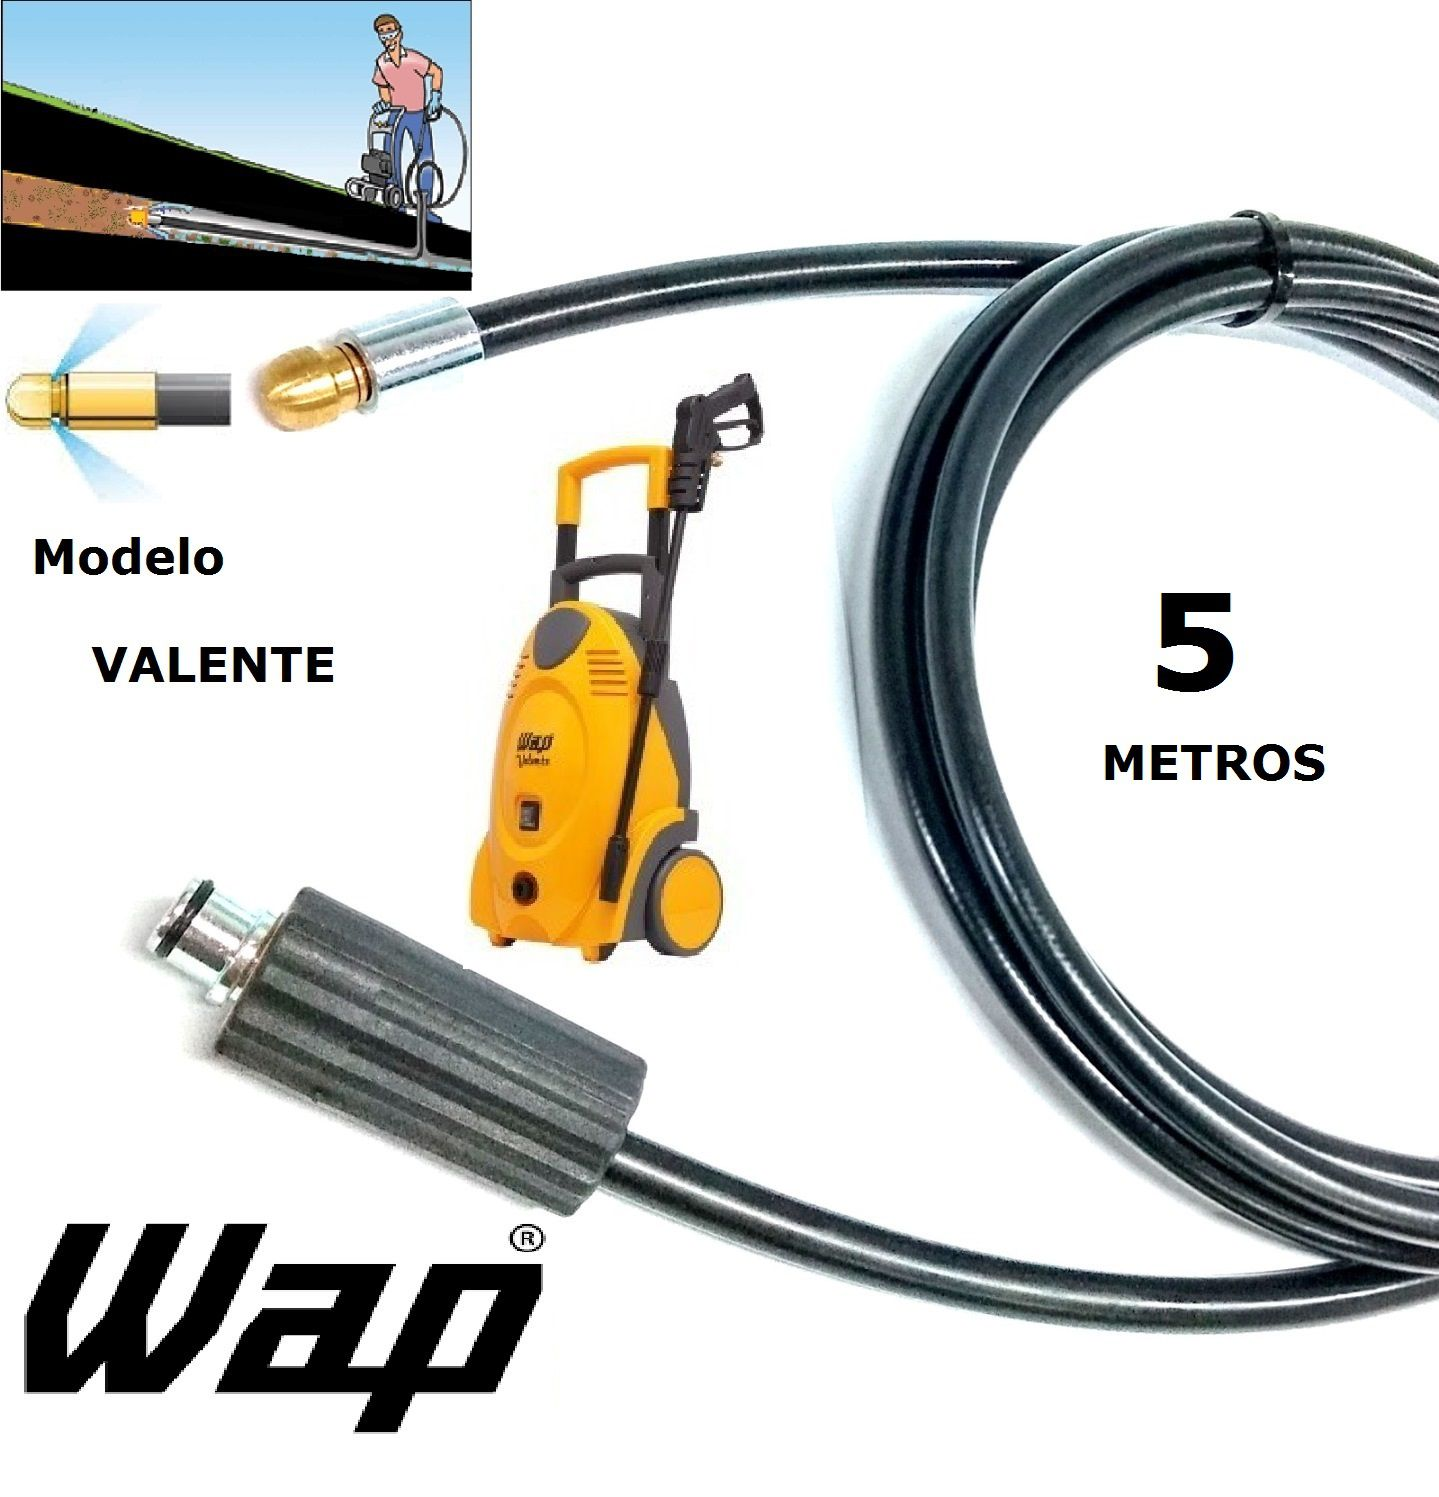 Mangueira desentupidora de tubulação WAP - 5 Metros - Wap VALENTE